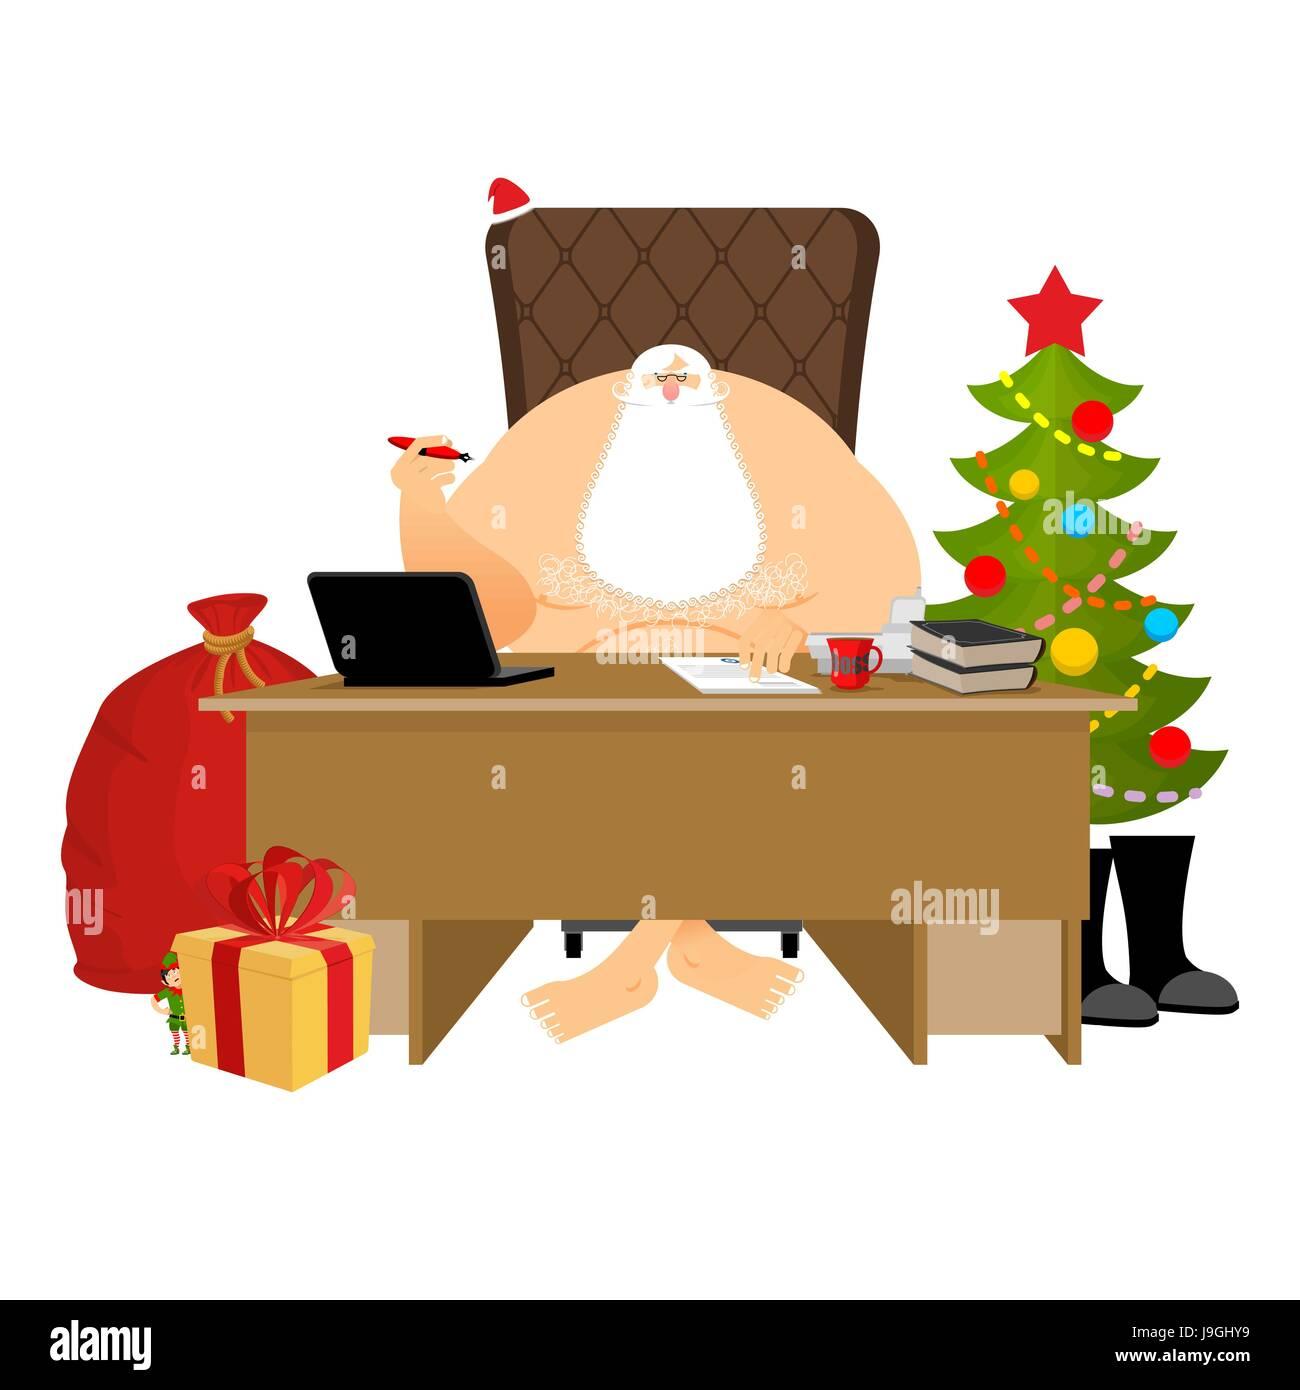 Geschenkideen weihnachten fur chef